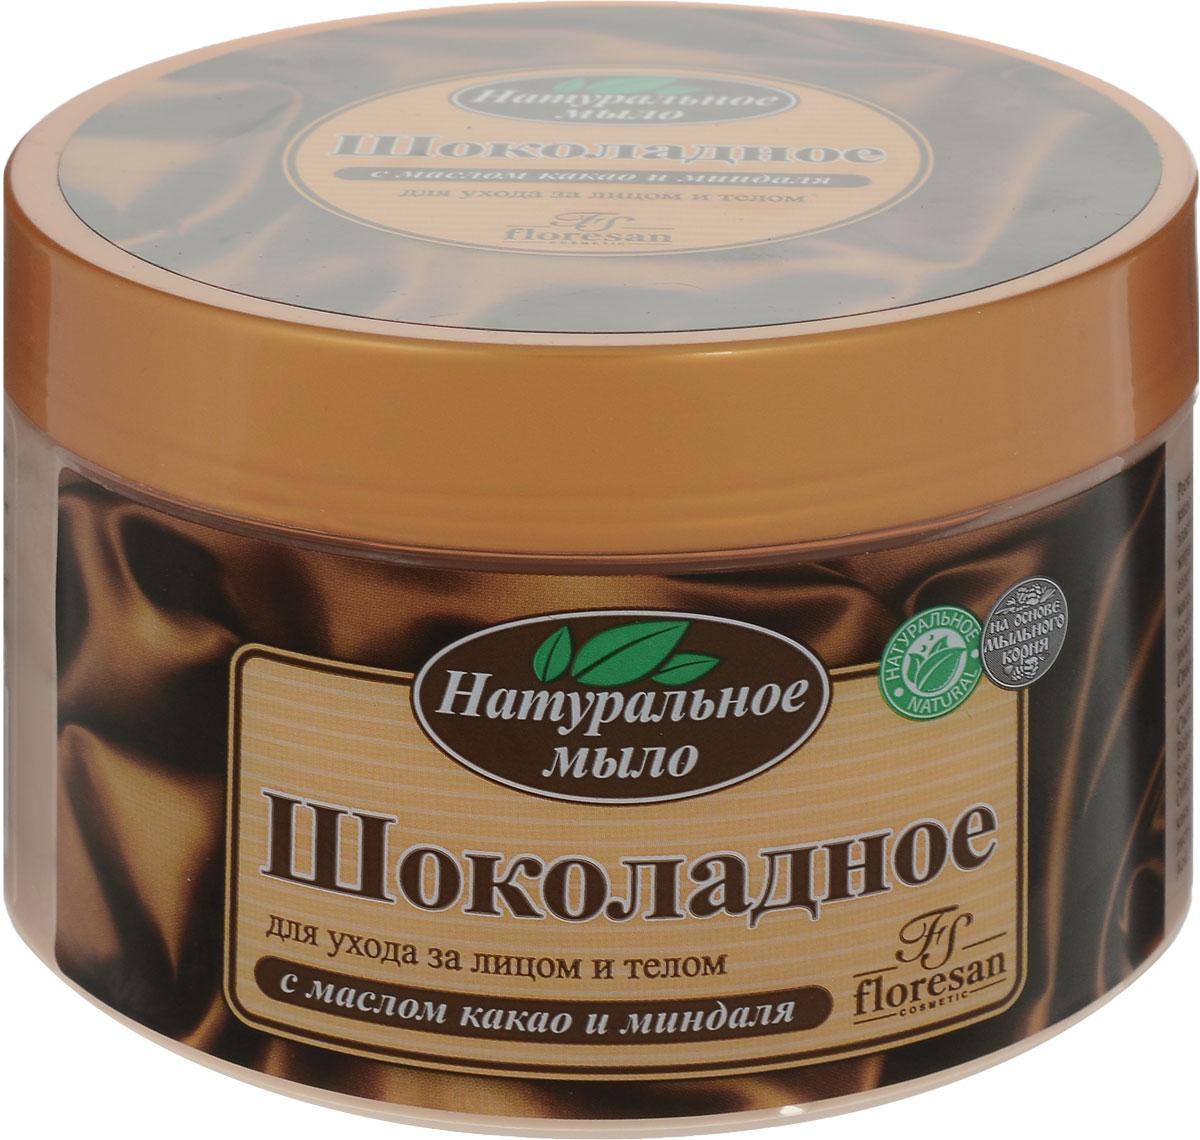 Floresan Натуральное мыло для ухода за лицои и телом Шоколадное с маслом какао и миндаля, 450 мл66-Ф-1-43Floresan Натуральное мыло для ухода за лицои и телом Шоколадное с маслом какао и миндаля 450 мл на основе мягких очищающих компонентов с комплексом масел какао и миндаля бережно и нежно очищает кожу и моментально восстанавливает ее эластичность и тонус. Масло миндаля, благодаря содержанию полезных липидов и незаменимых жирных кислот, витаминов B2 и Е, увлажняет, питает и смягчает кожу. Активные вещества, содержащиеся в какао-бобах, значительно ускоряют обмен веществ и способствуют снижению массы тела; непревзойденно выводят из организма токсины и лишнюю жидкость, улучшают состояние кожи и придают ей упругость. А соблазнительный аромат шоколада укрепляет иммунитет и улучшает настроение. Уважаемые клиенты!Обращаем ваше внимание на возможные изменения в дизайне упаковки. Качественные характеристики товара остаются неизменными. Поставка осуществляется в зависимости от наличия на складе.